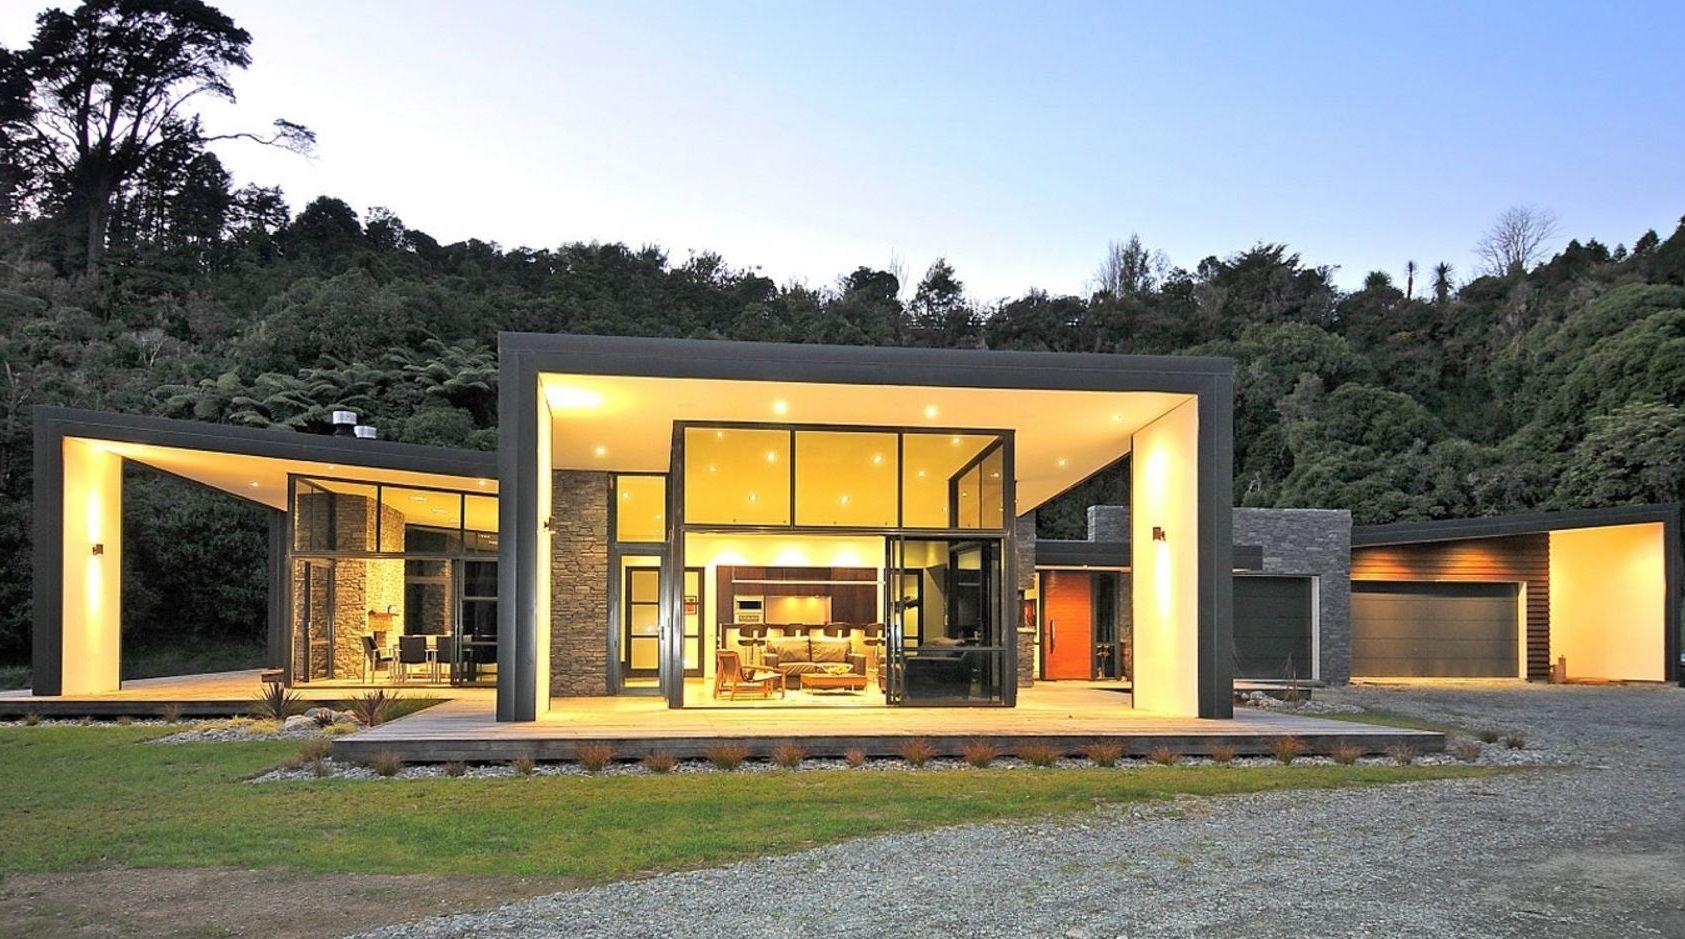 Casa rustica y moderna con vidrios coffee farm en 2019 for Casa moderna rustica